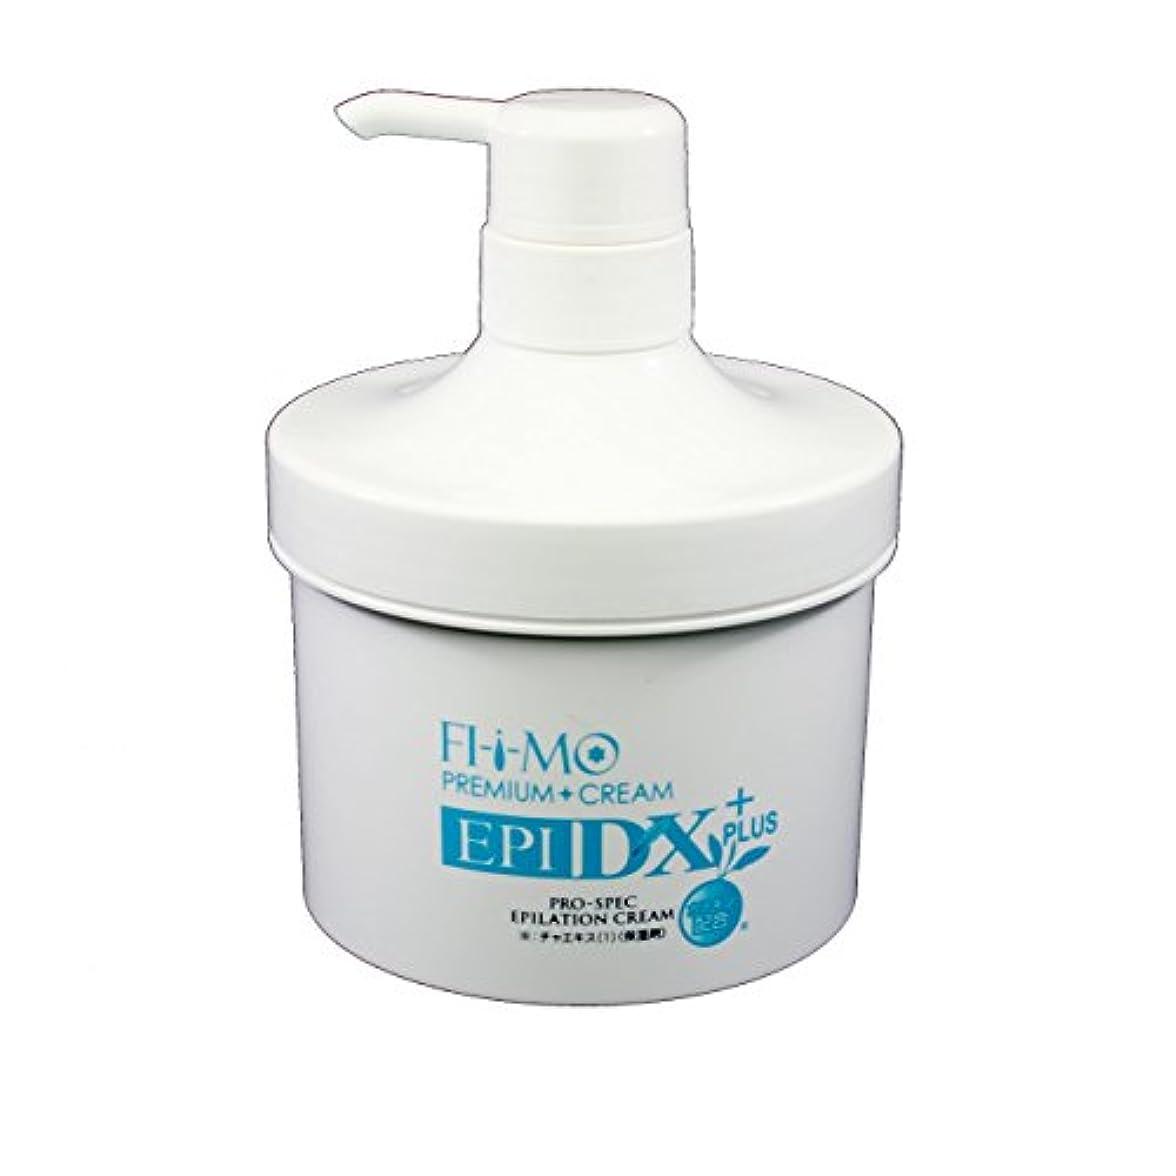 印象的な促進する六月エピDX PLUS プレミアムクリーム [医薬部外品]